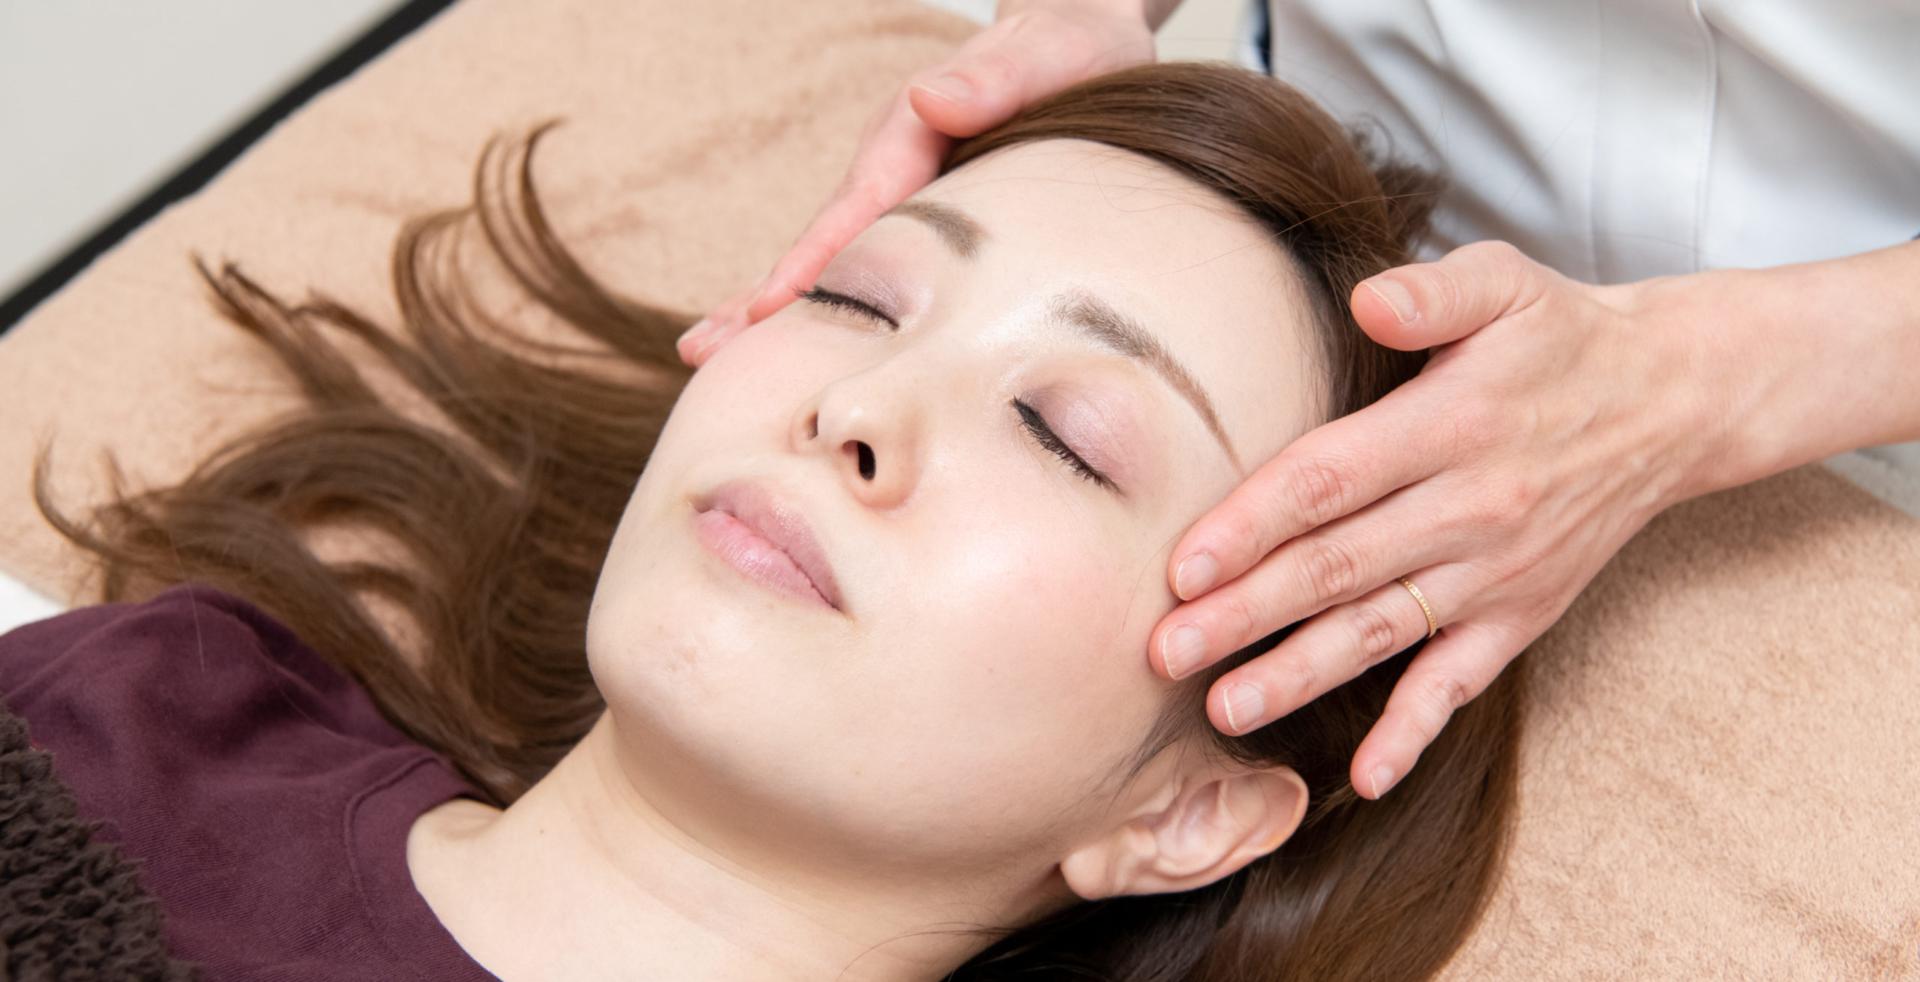 池袋で頭痛・自律神経の乱れを改善 | 女性専用サロン | 頭痛専門結